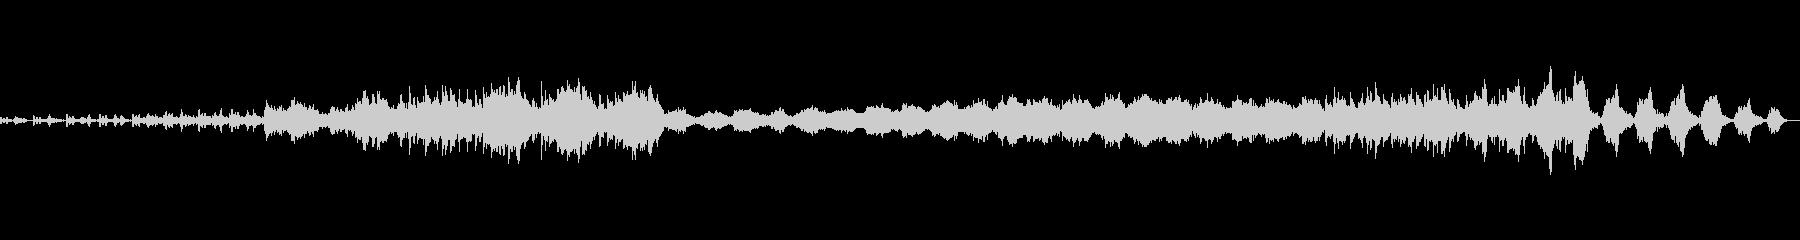 荘厳なオーケストラ曲の未再生の波形